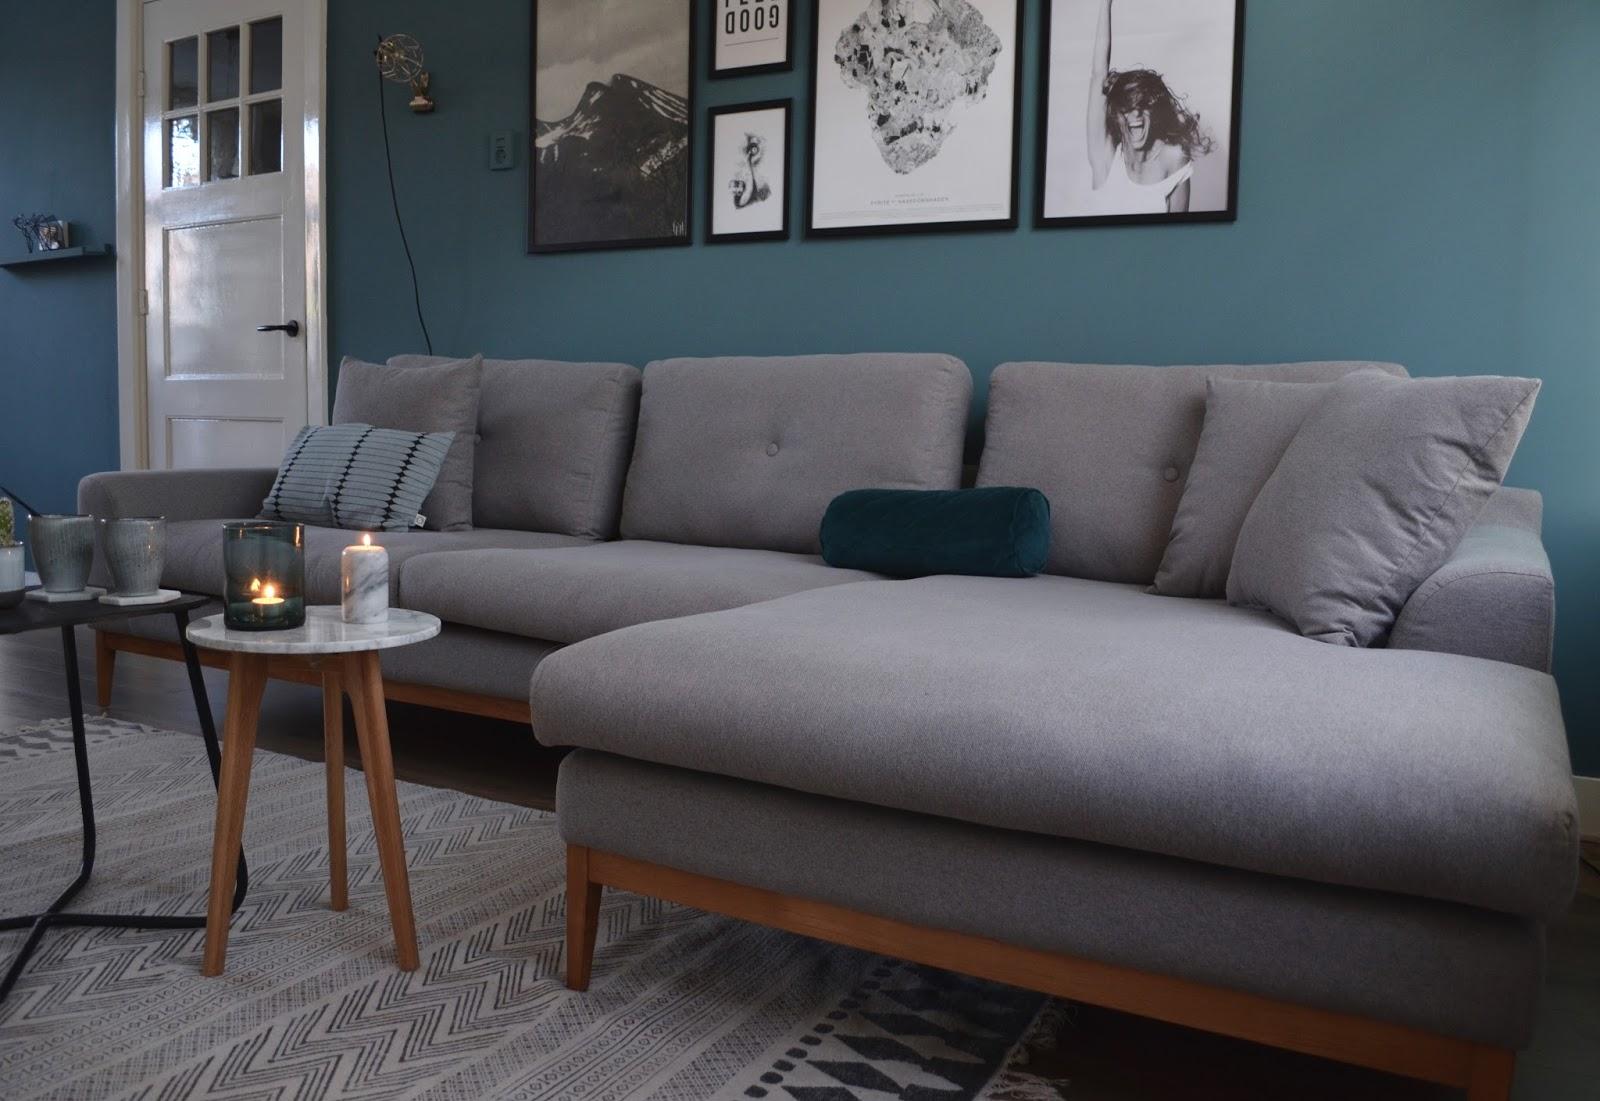 New year new sofa for Sofa company